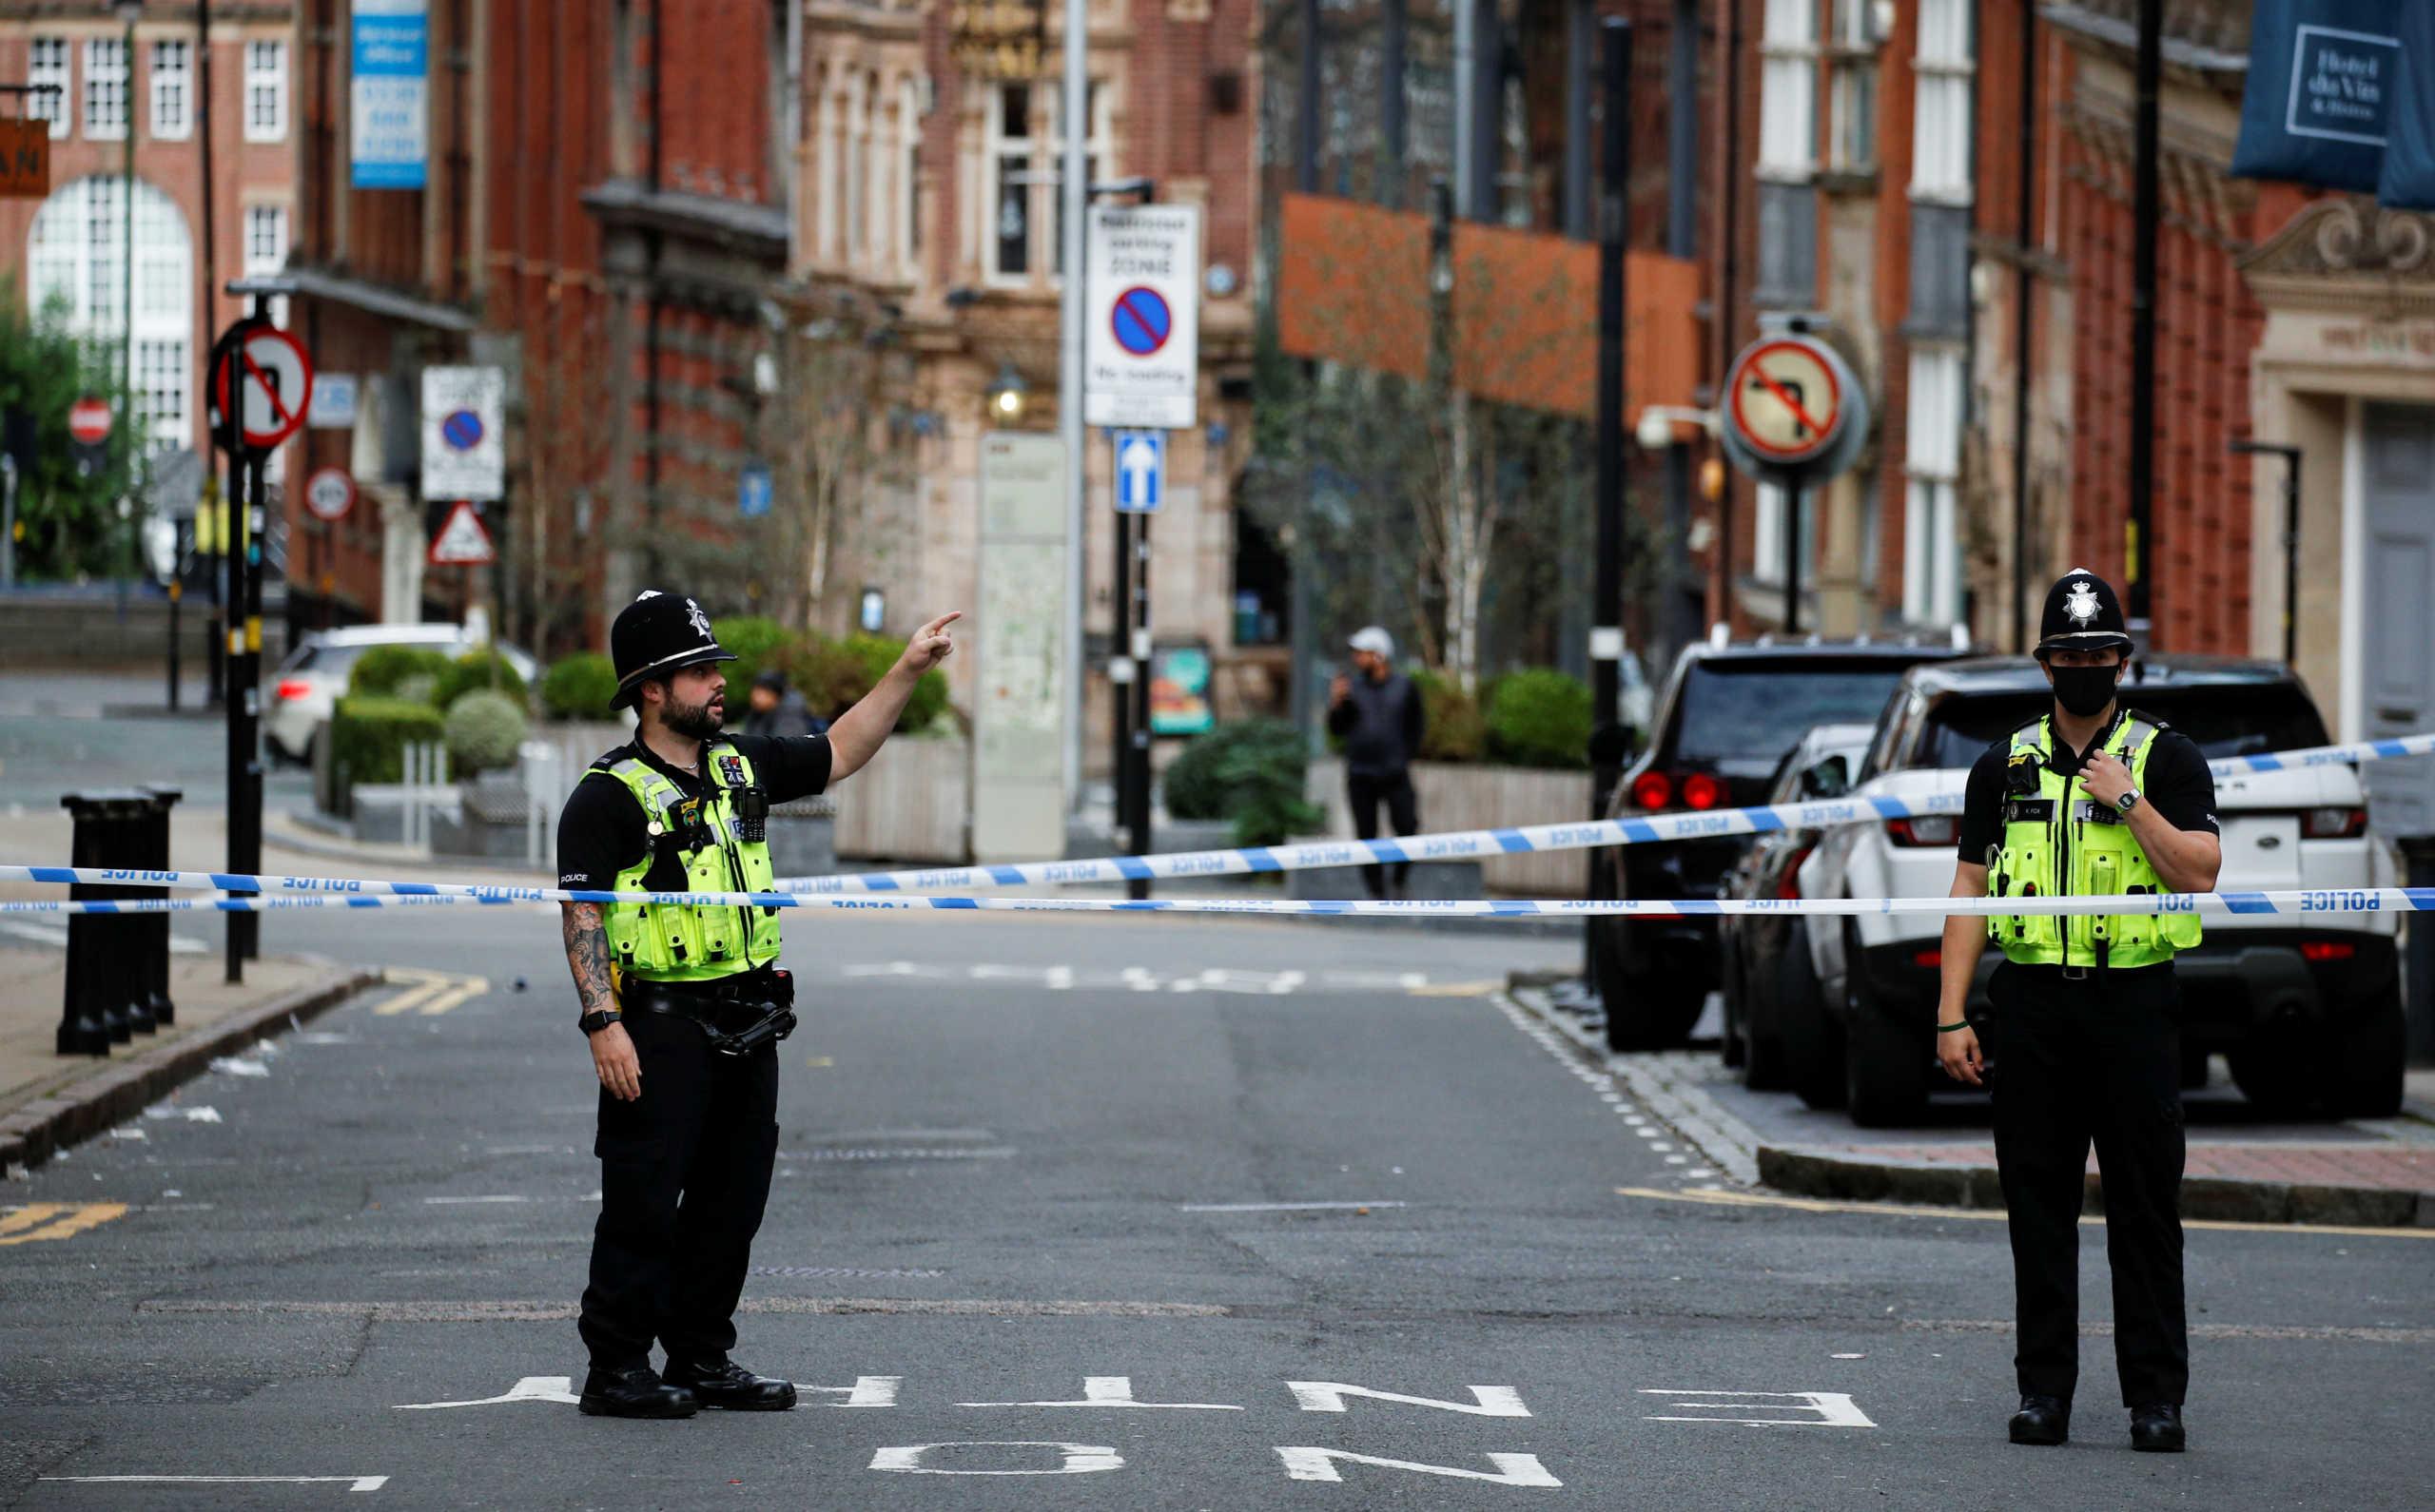 Ένας νεκρός και εφτά τραυματίες από την επίθεση με μαχαίρι στο Μπέρμιγχαμ (pics)